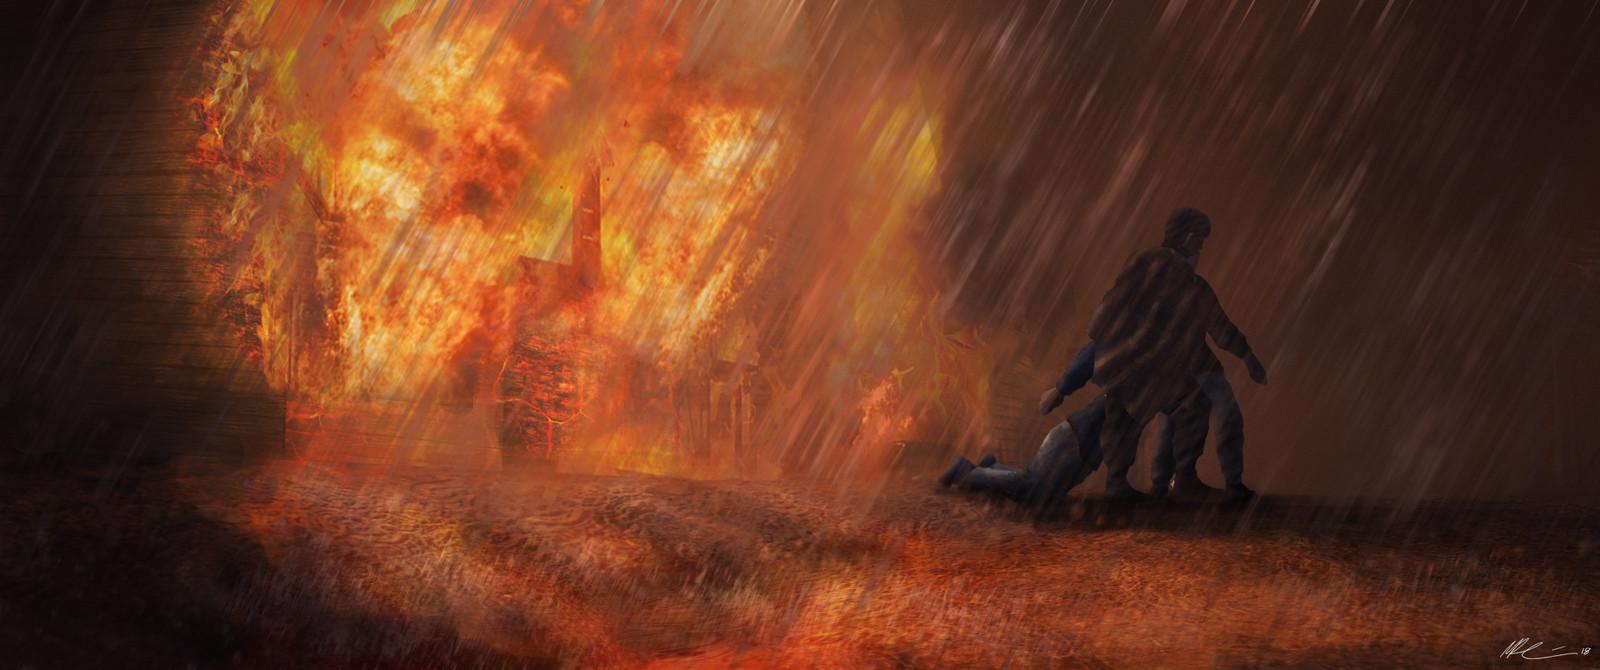 Fiery street Concept art by Matias Raassina